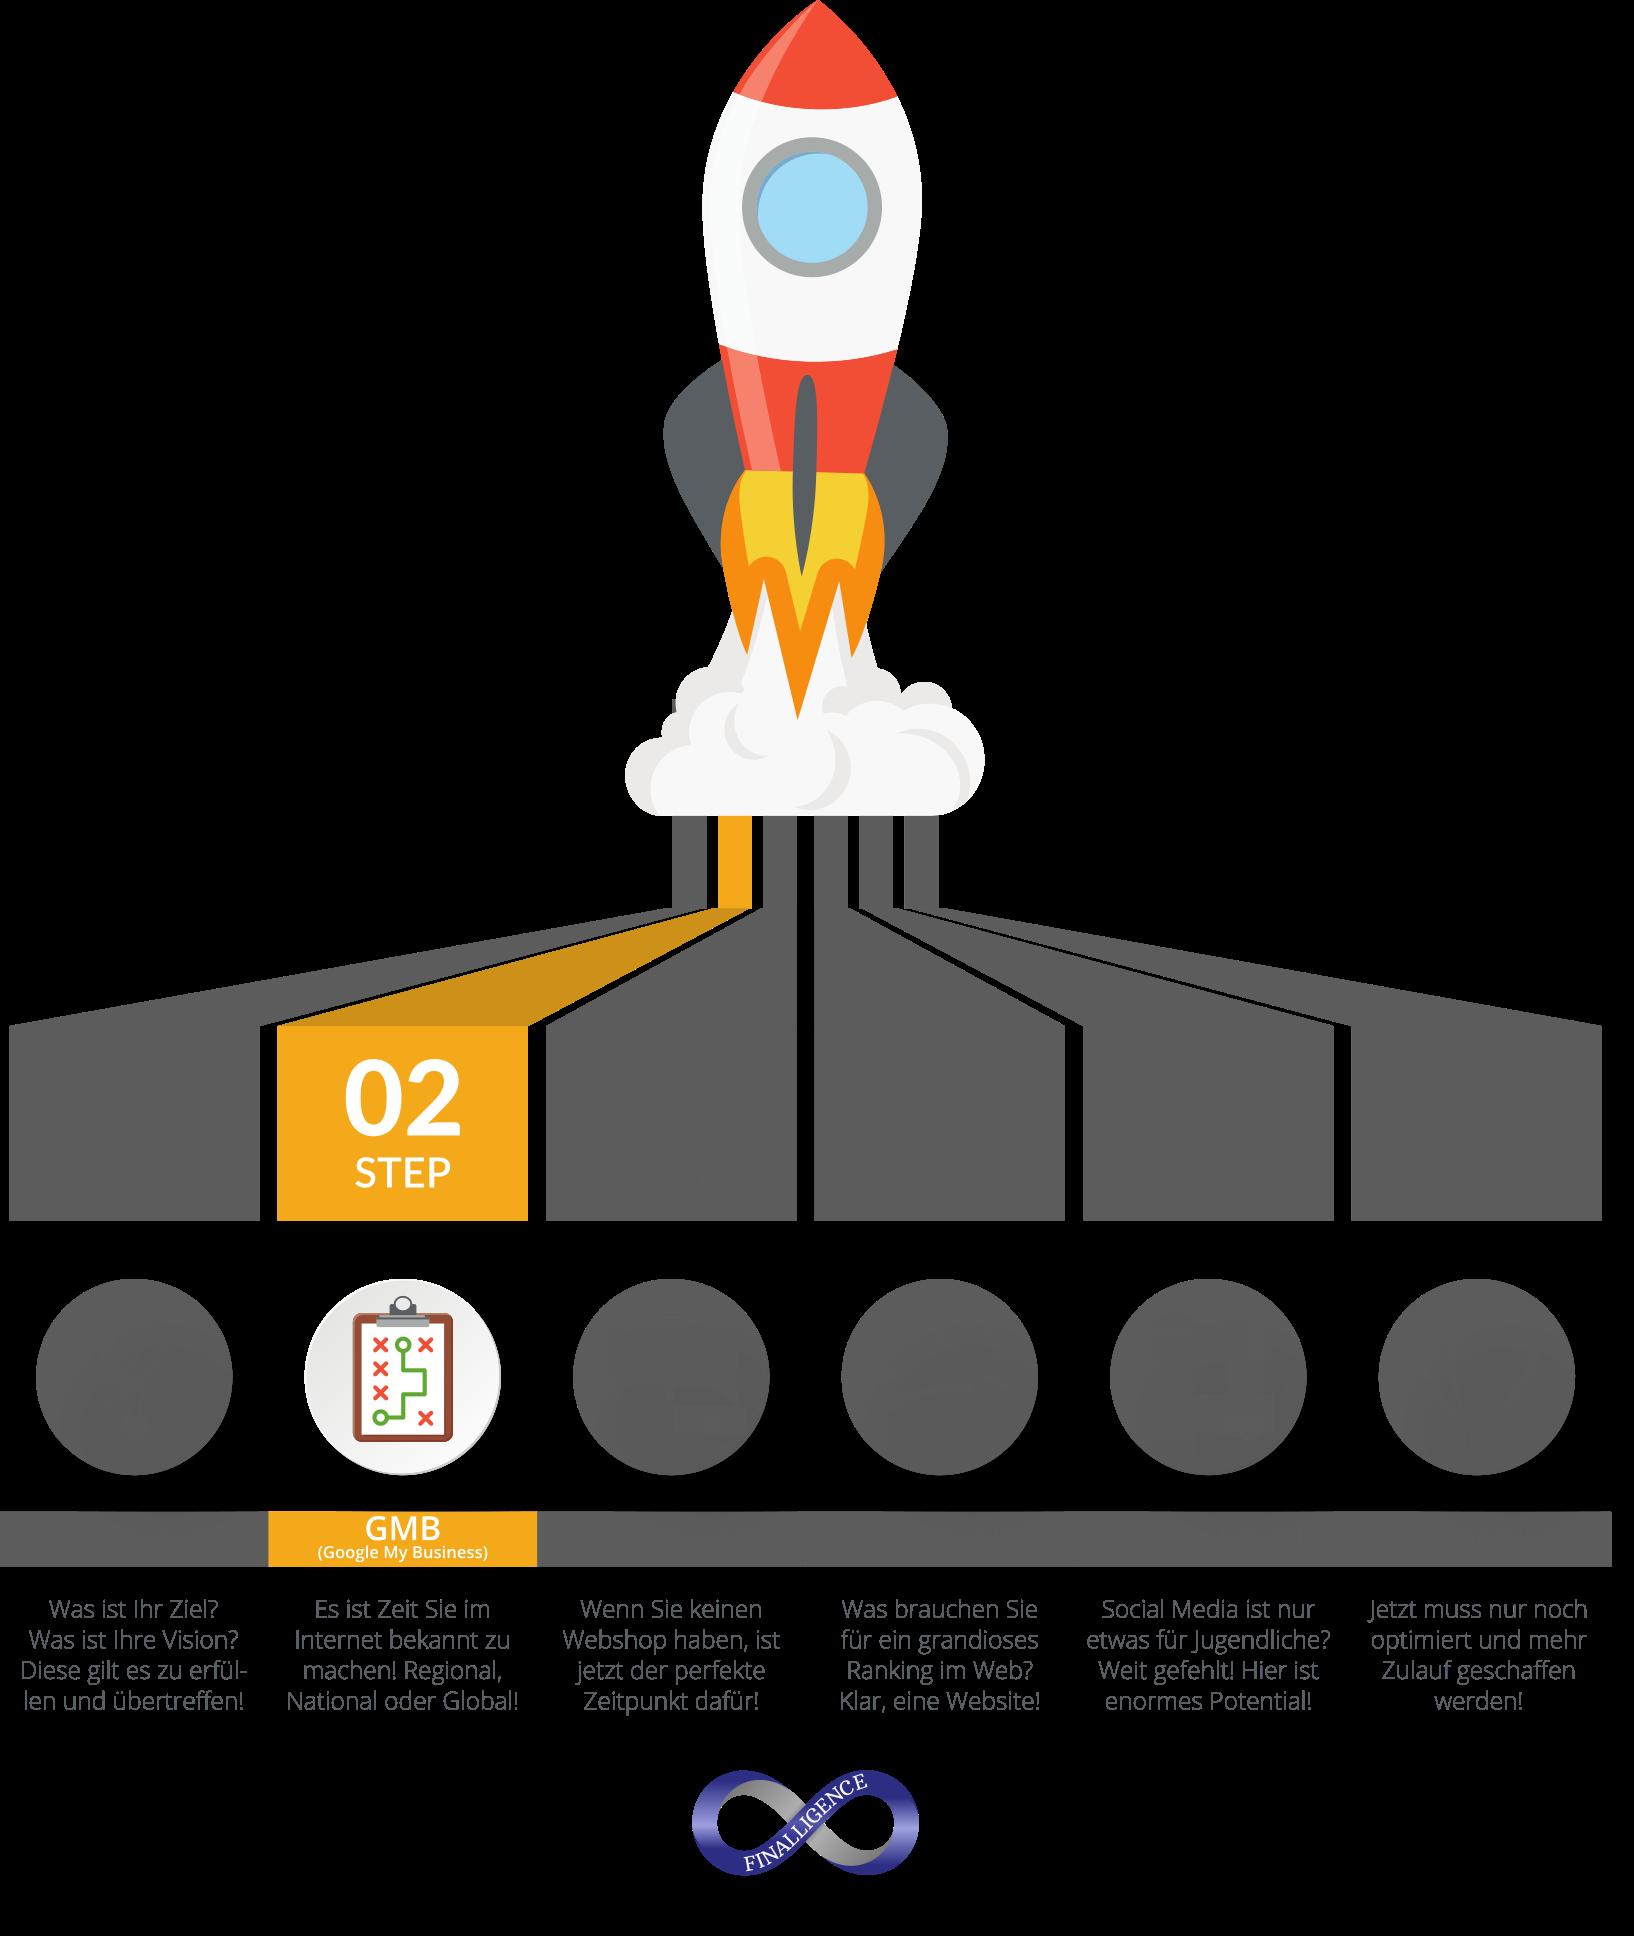 Online Auftritt Rakete für sichtbaren Erfolg - Step02 | Finalligence